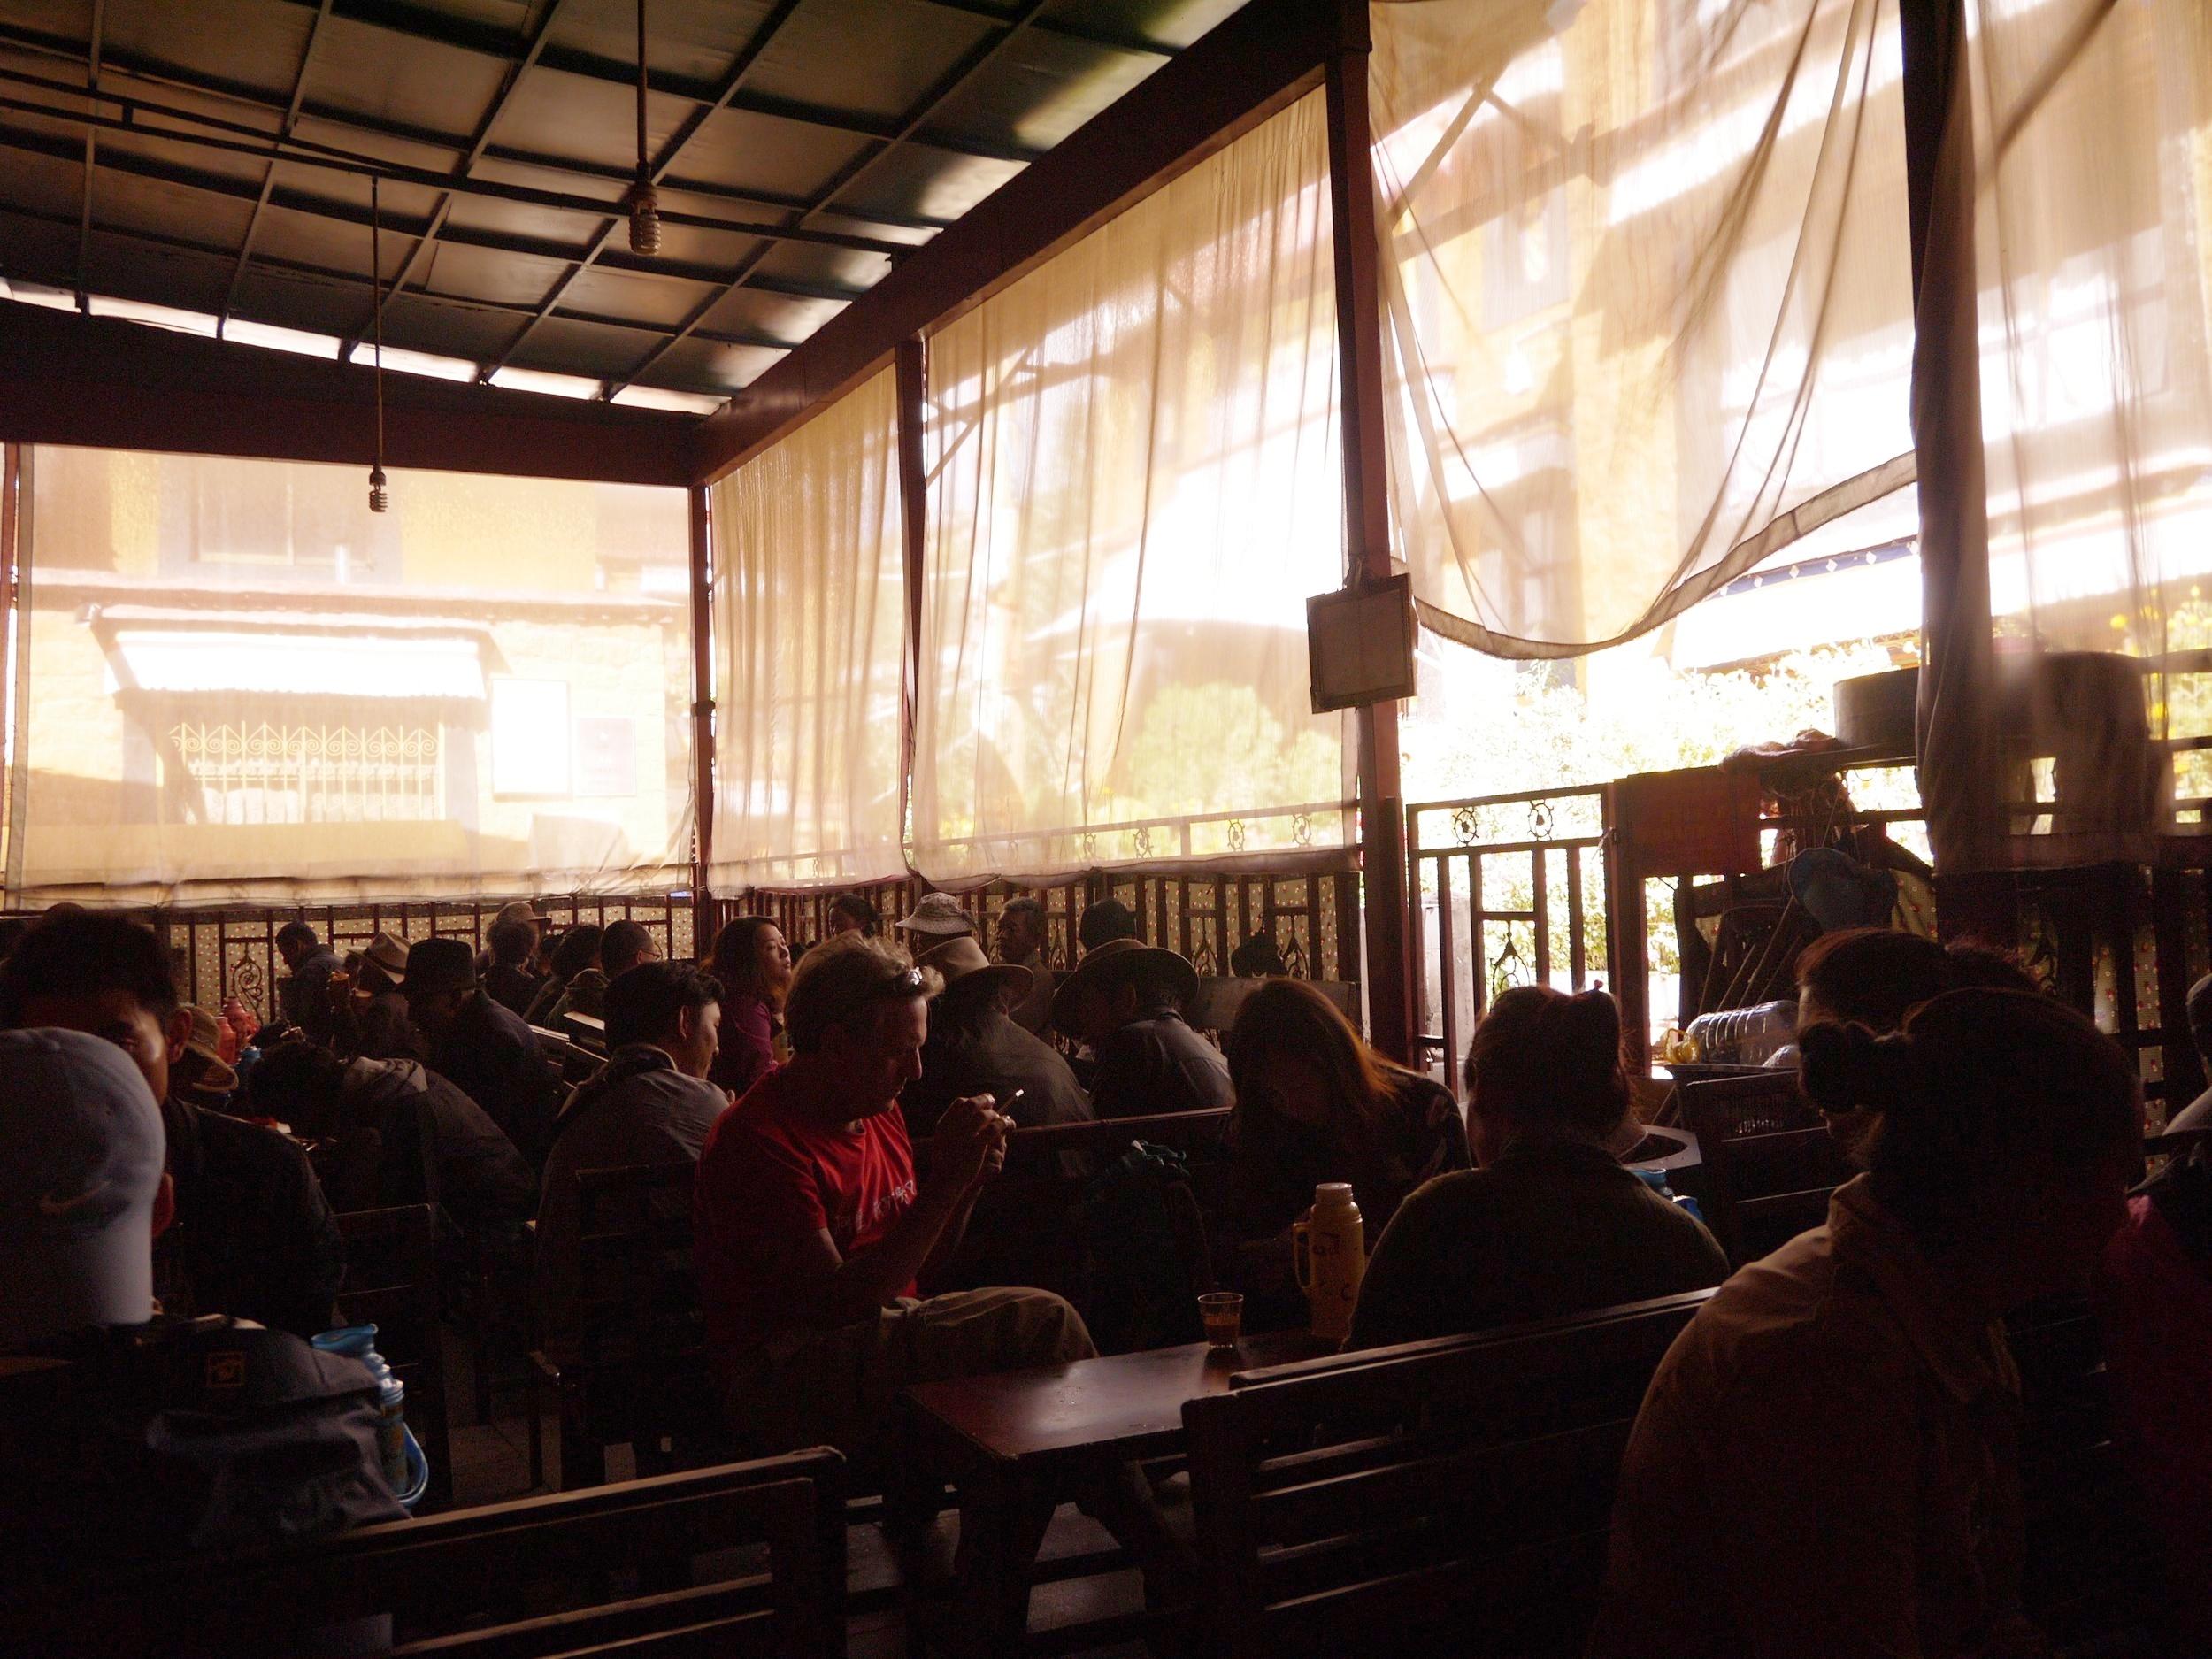 仓姑寺茶馆 I 馆内不止有旅客,也有很多藏人光顾,尤其是老人